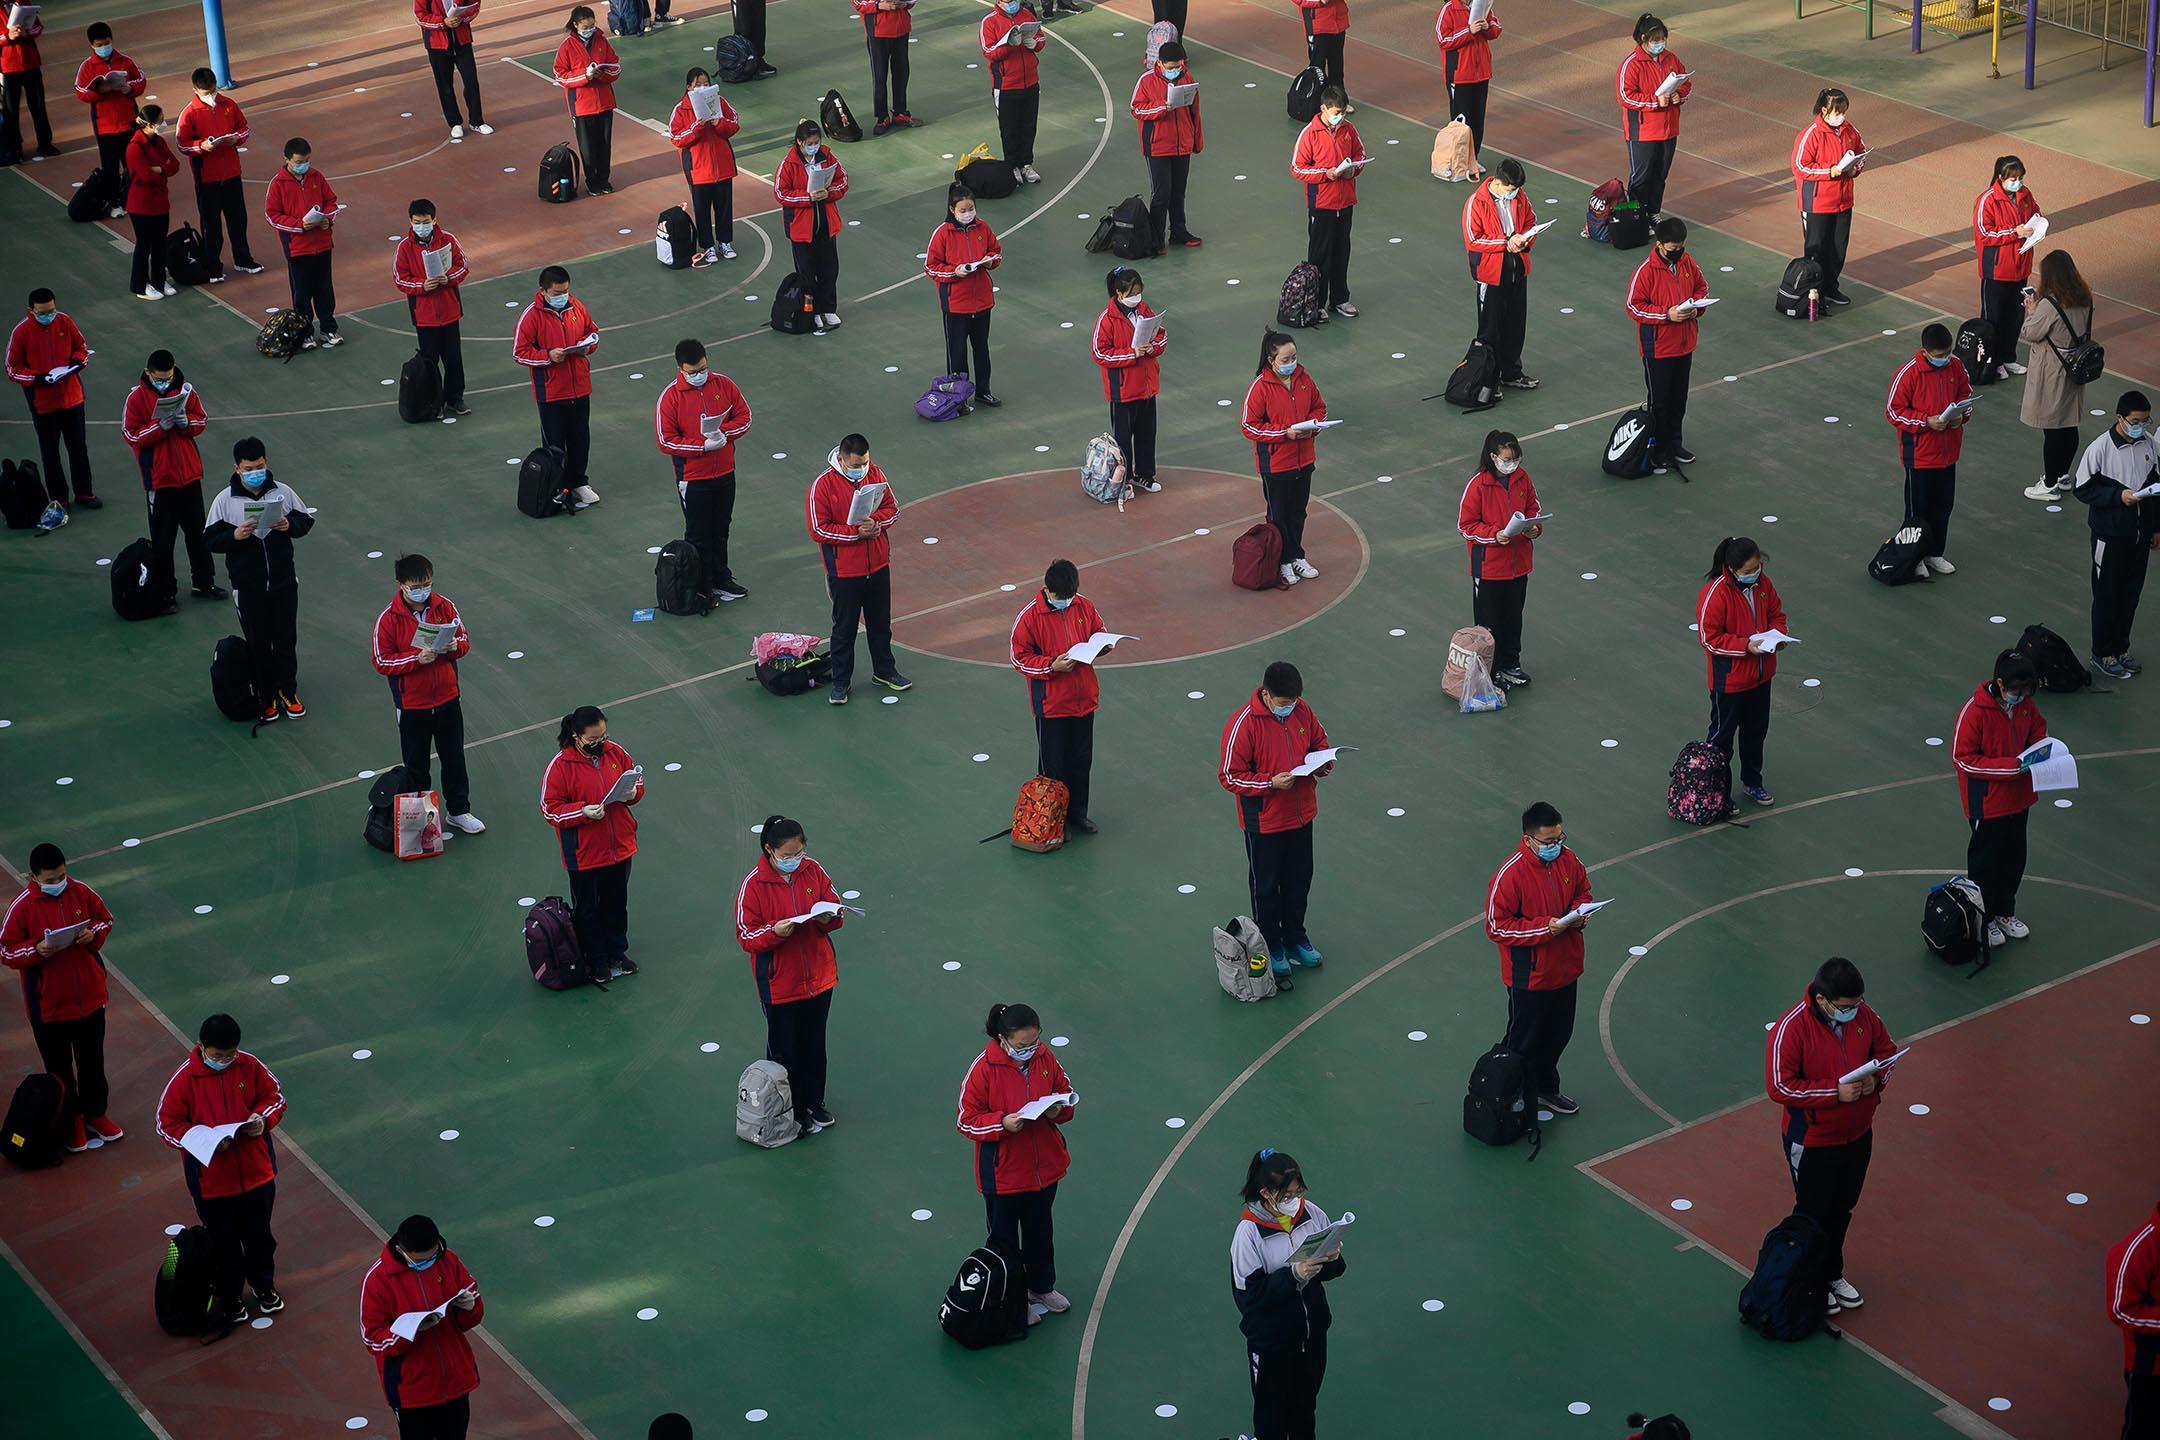 2020年4月25日中國太原,中學重新開放的第一天,戴著口罩的學生在操場上讀書。